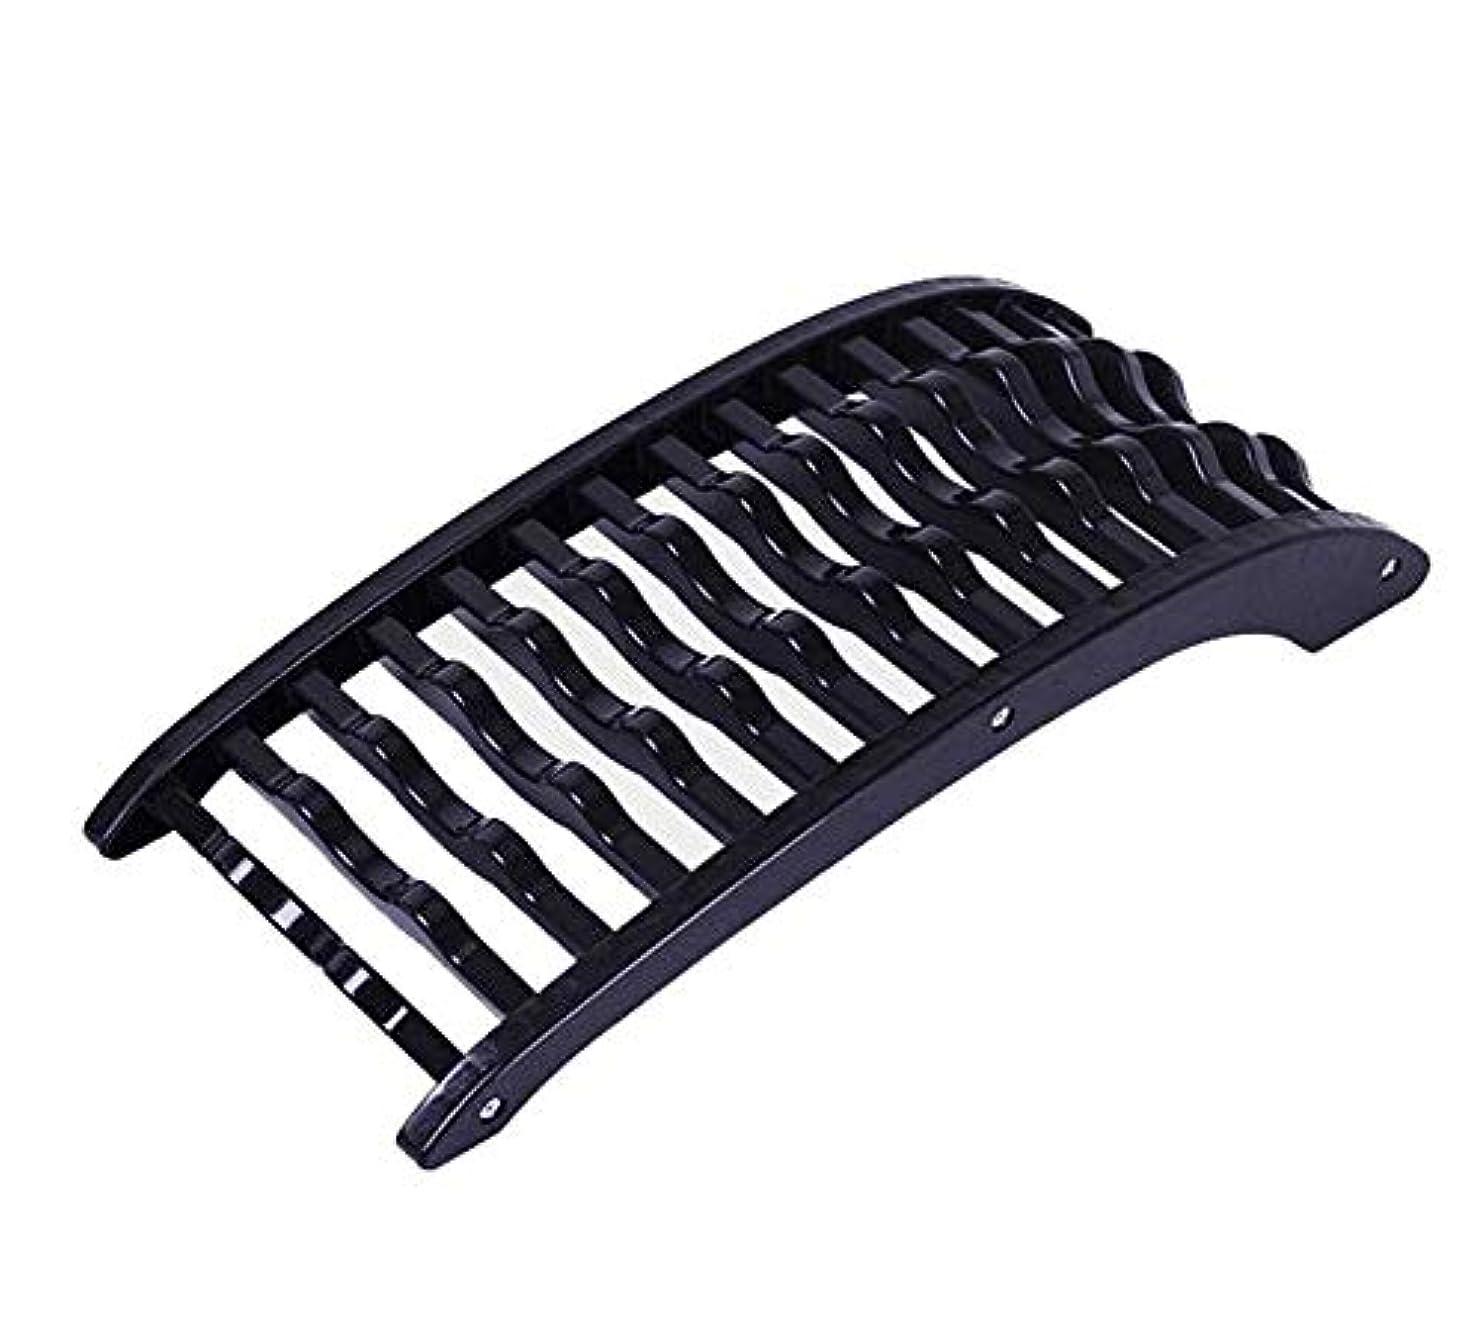 規則性会議ハイライト背中バキバキ バック ストレッチャー、腰椎サポートストレッチャ戻る脊椎ネックマッサージサポート背骨姿勢コレクターウエスト痛みを軽減するには、リラックス (Color : ブラック)